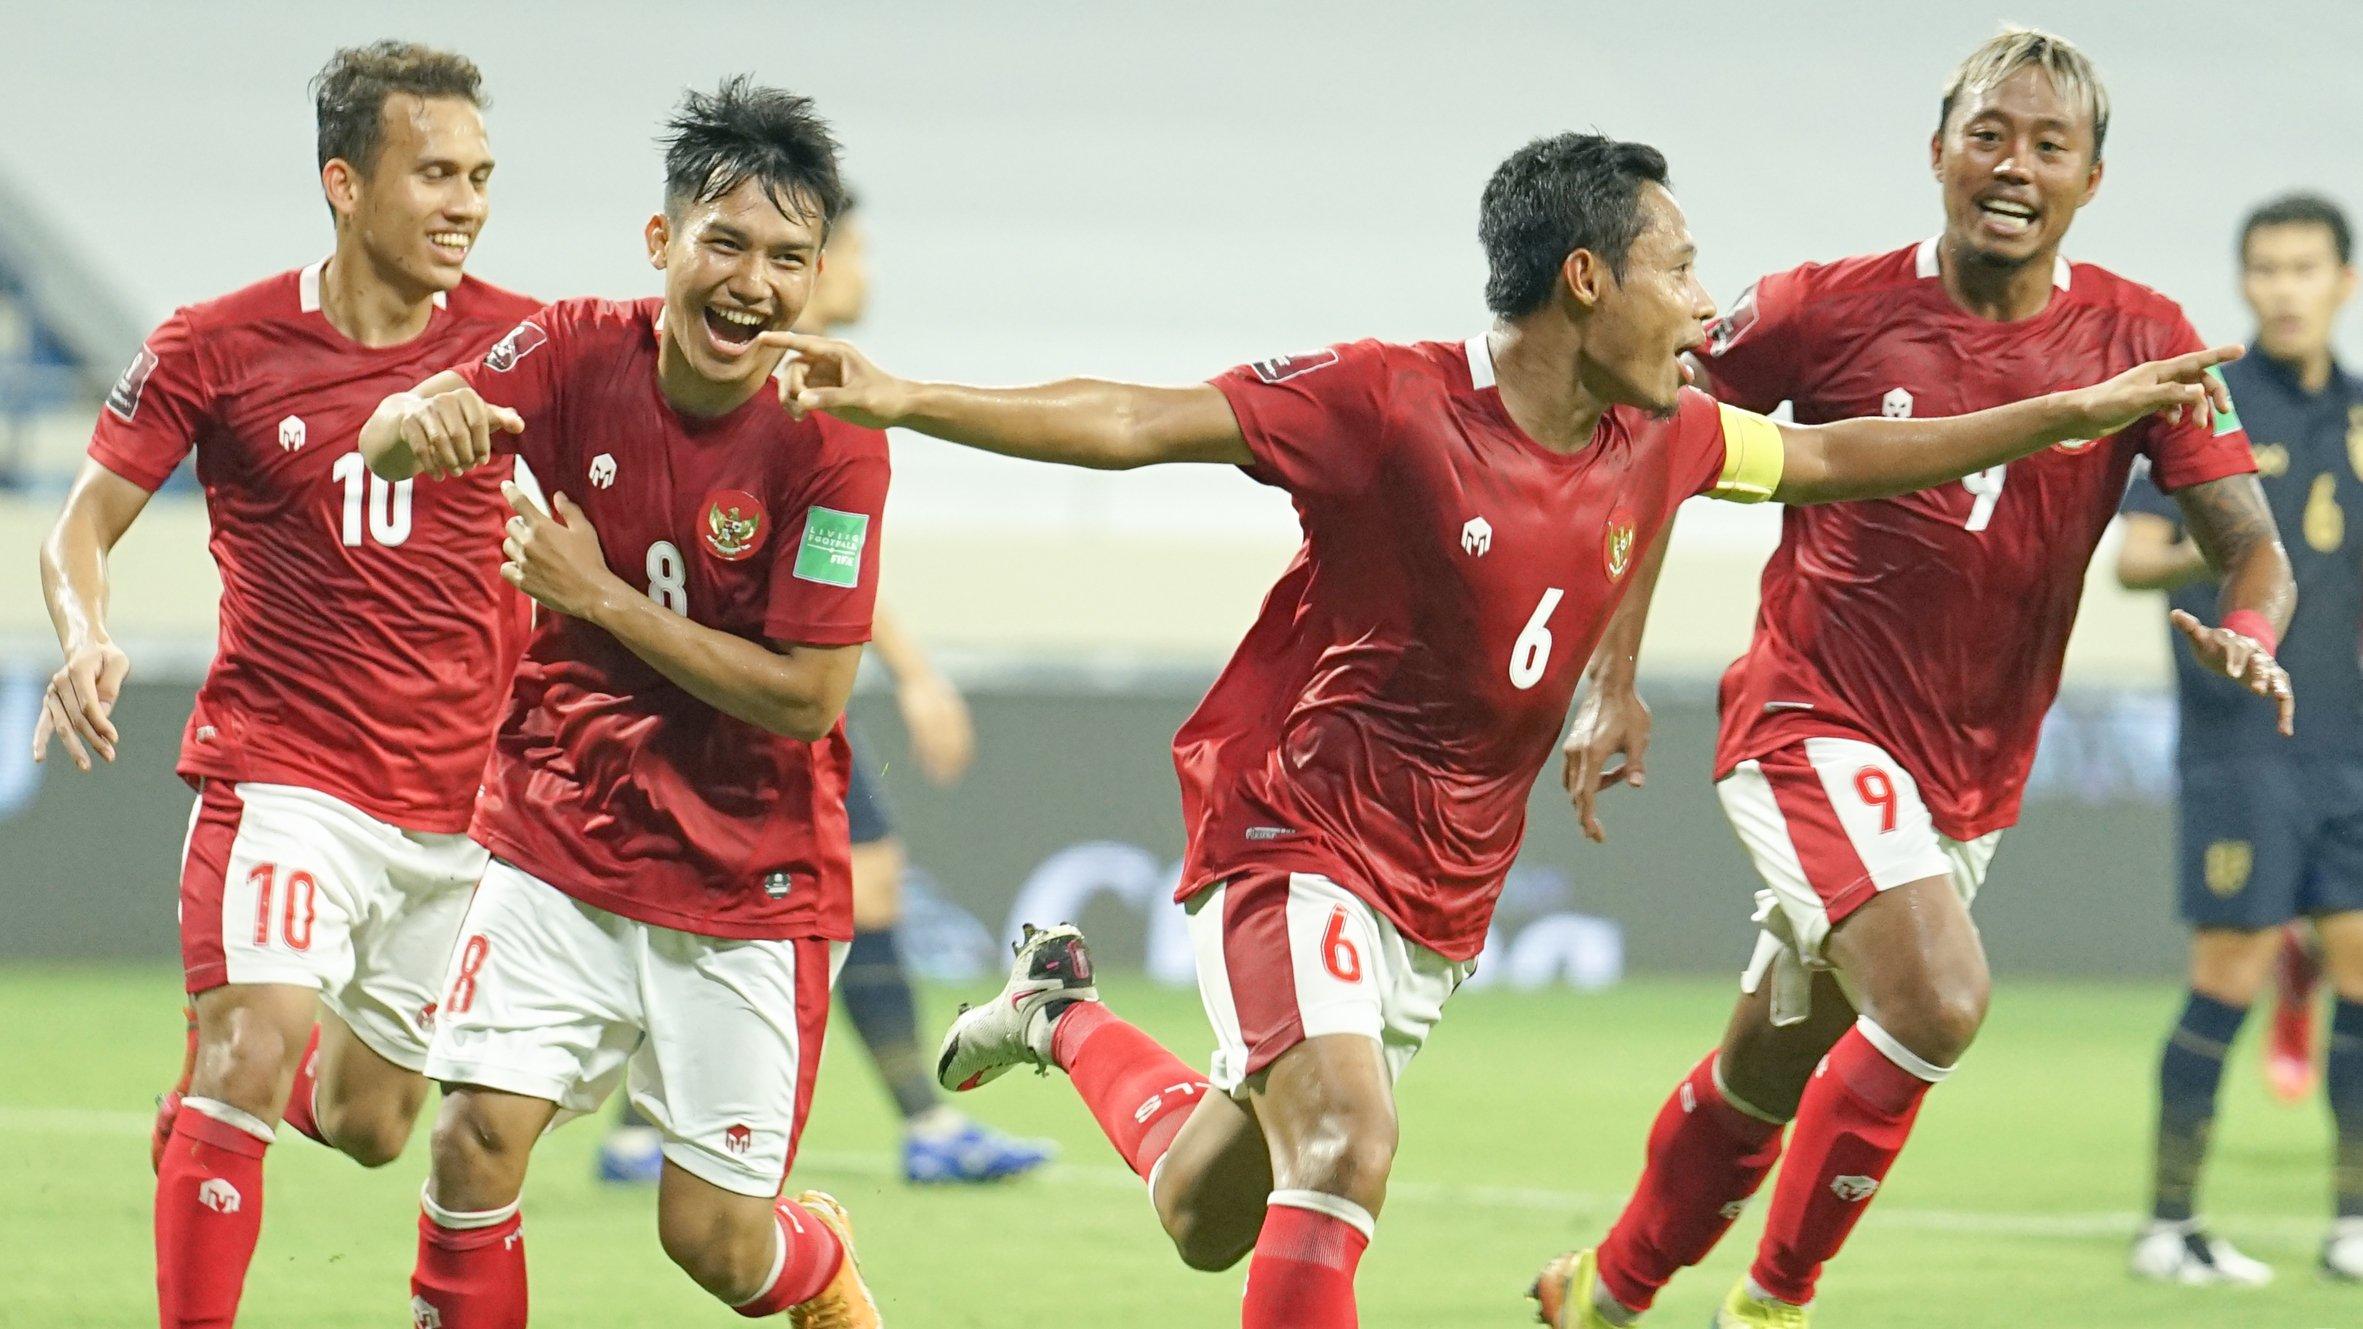 Timnas Indonesia tampil mengejutkan dengan berhasil menahan imbang Timnas Thailand dalam kualifikasi Piala Dunia 2022 Grup G. (foto: PSSI)